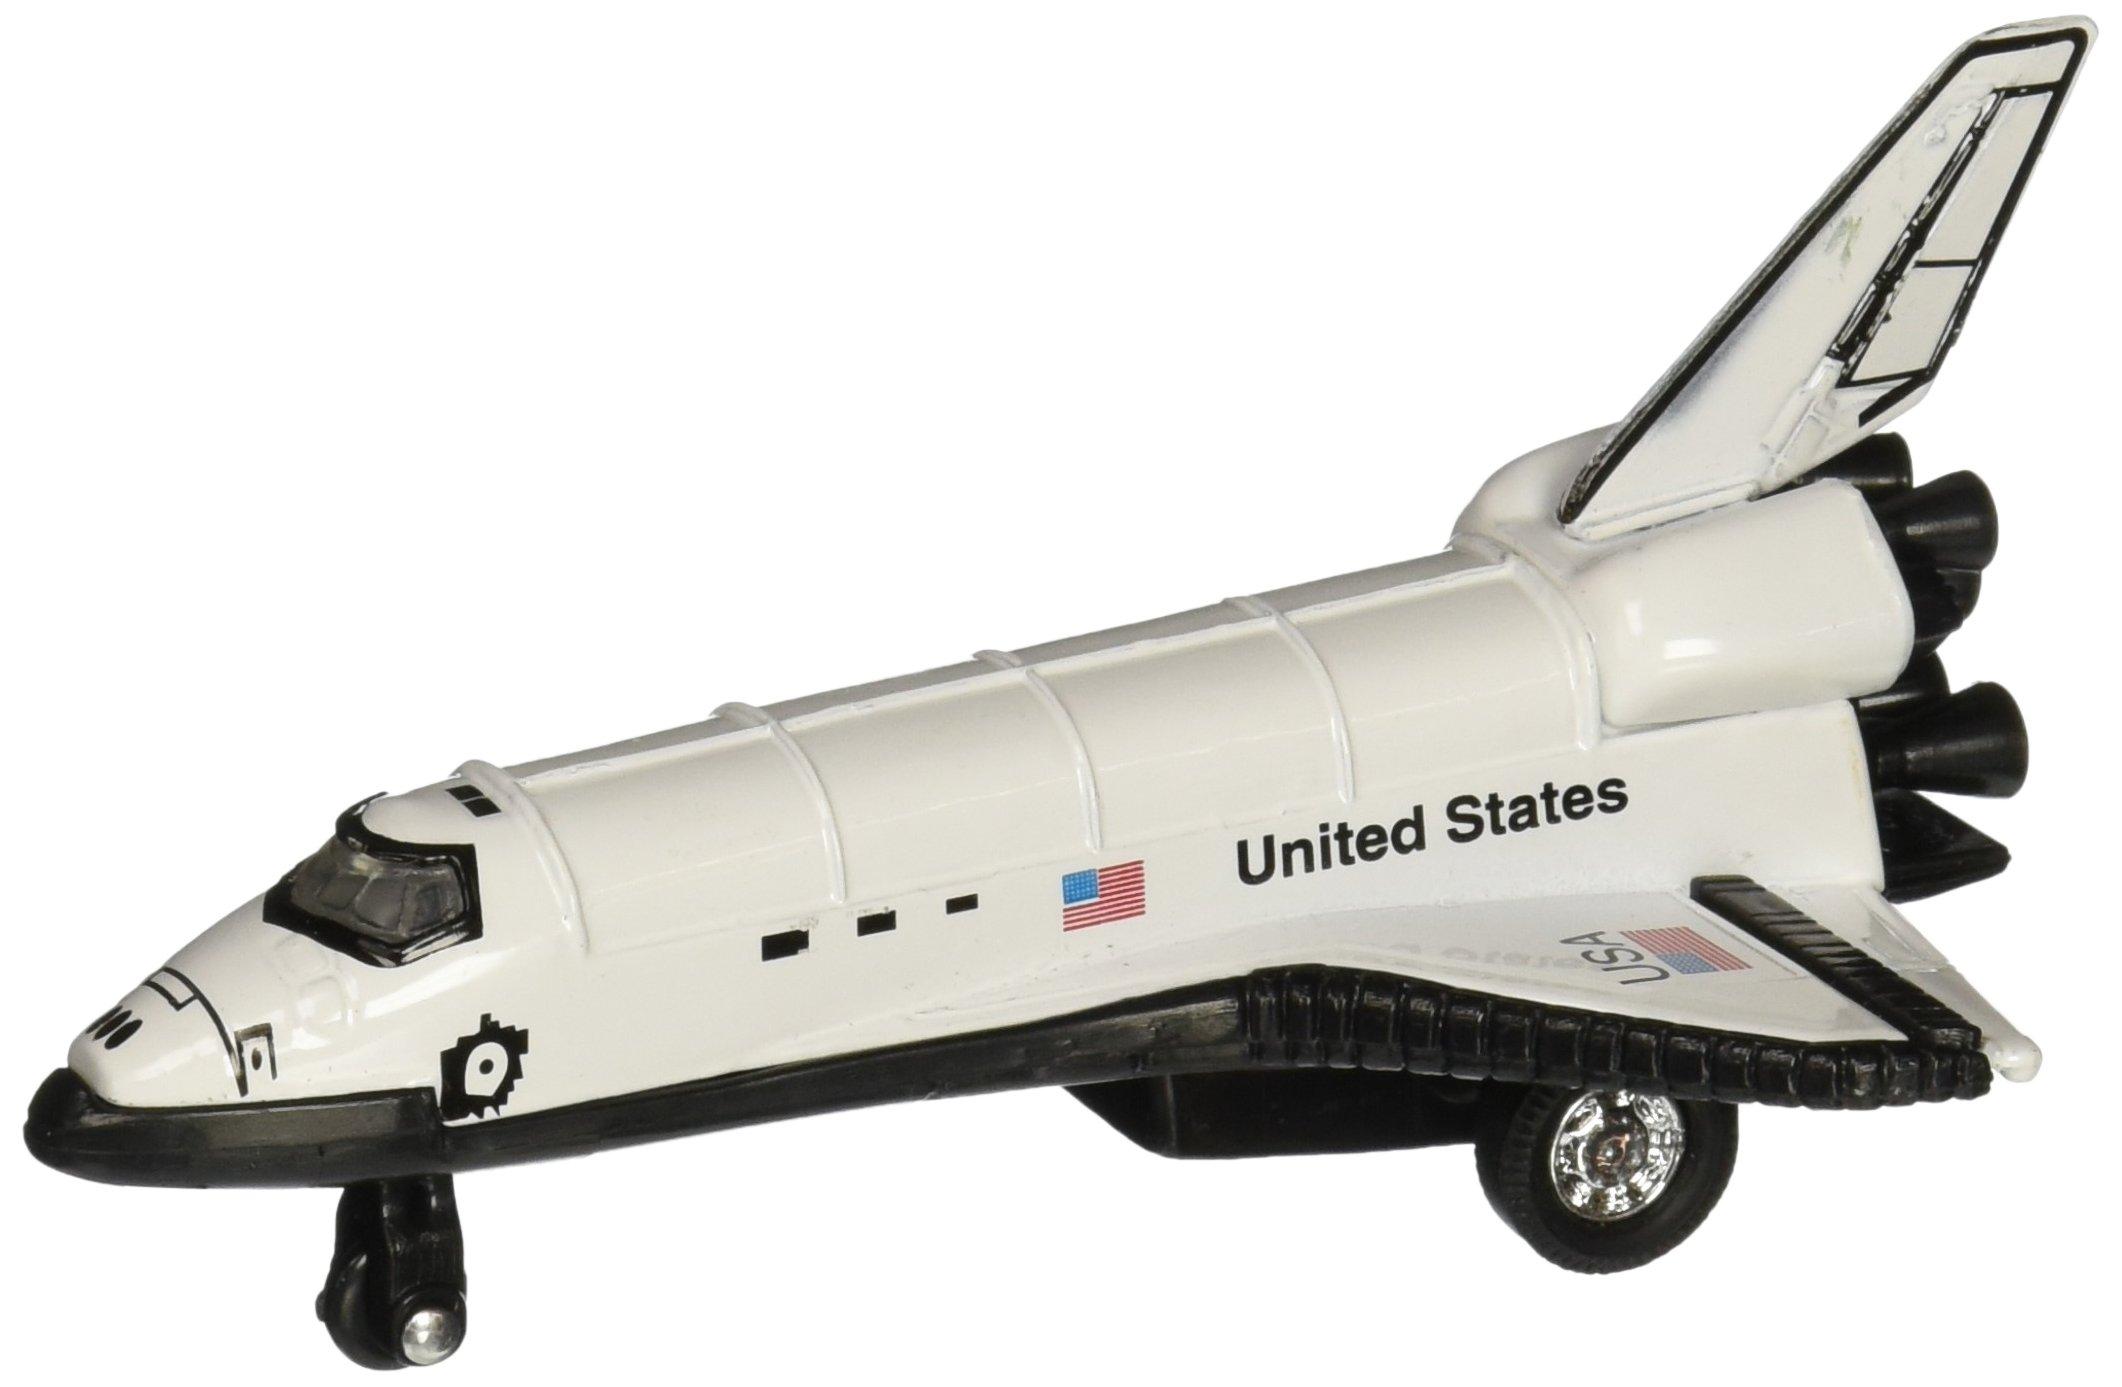 diecast model spaceships - HD2122×1387